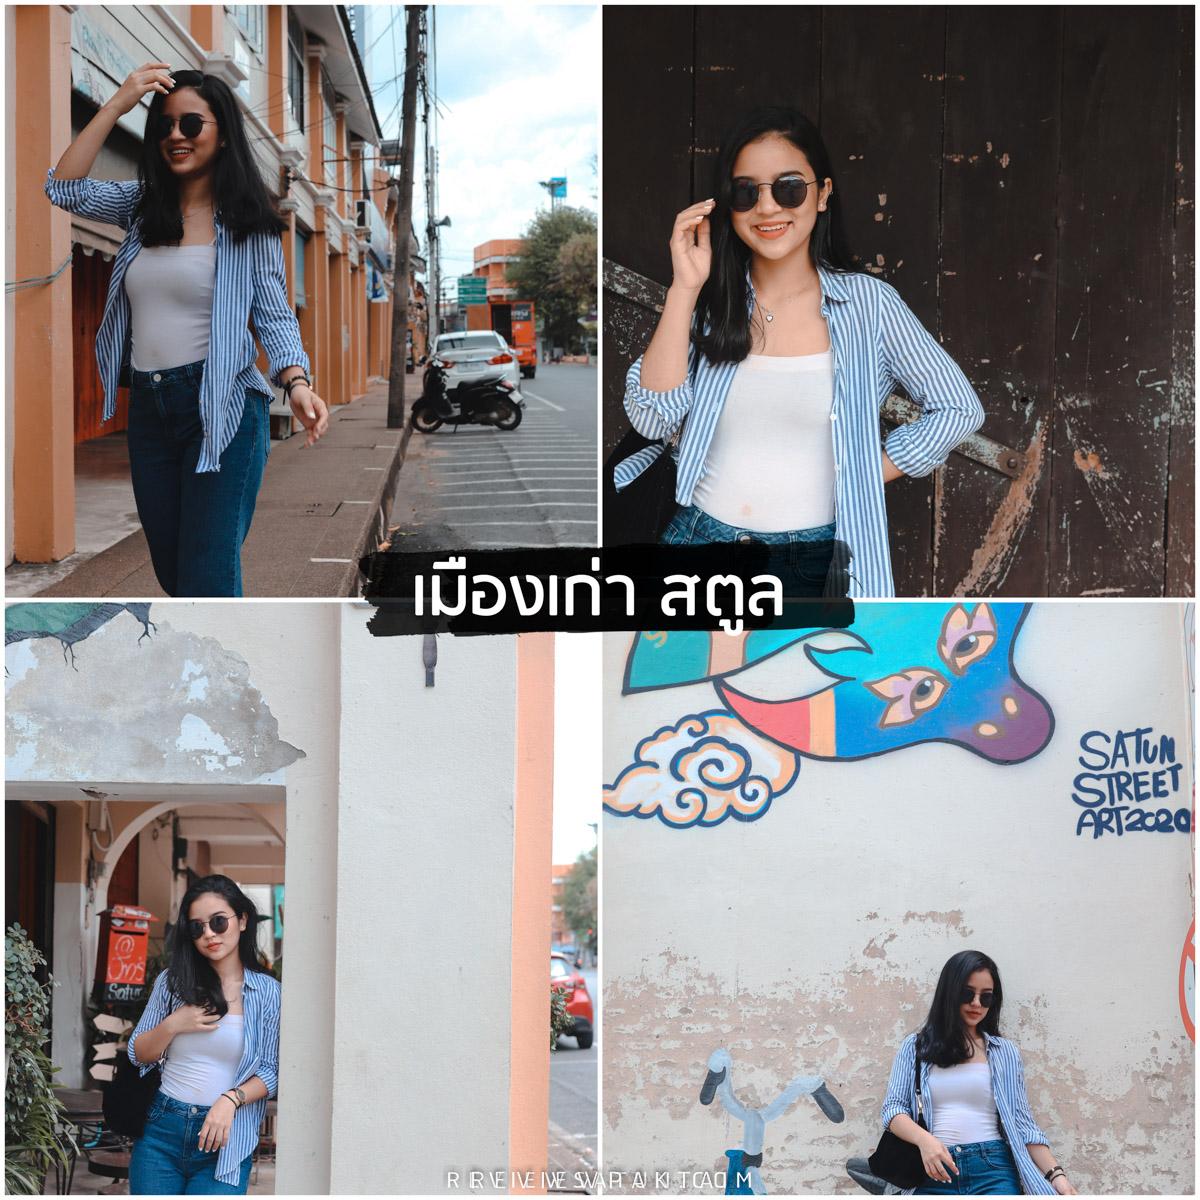 เมืองเก่า-สตูล-จุดเช็คอินเด็ดๆสุดท้ายเมืองเก่า-มี-Street-Art-สวยๆทั่วเมืองให้ถ่ายรูปกันครับ-รายละเอียด-คลิก   จุดเช็คอิน,หลีเป๊ะ,สตูลสดยกกำลังสาม,satunwonderland,เที่ยวเมืองไทยAmazingกว่าเดิม,ชีพจรลงSouth